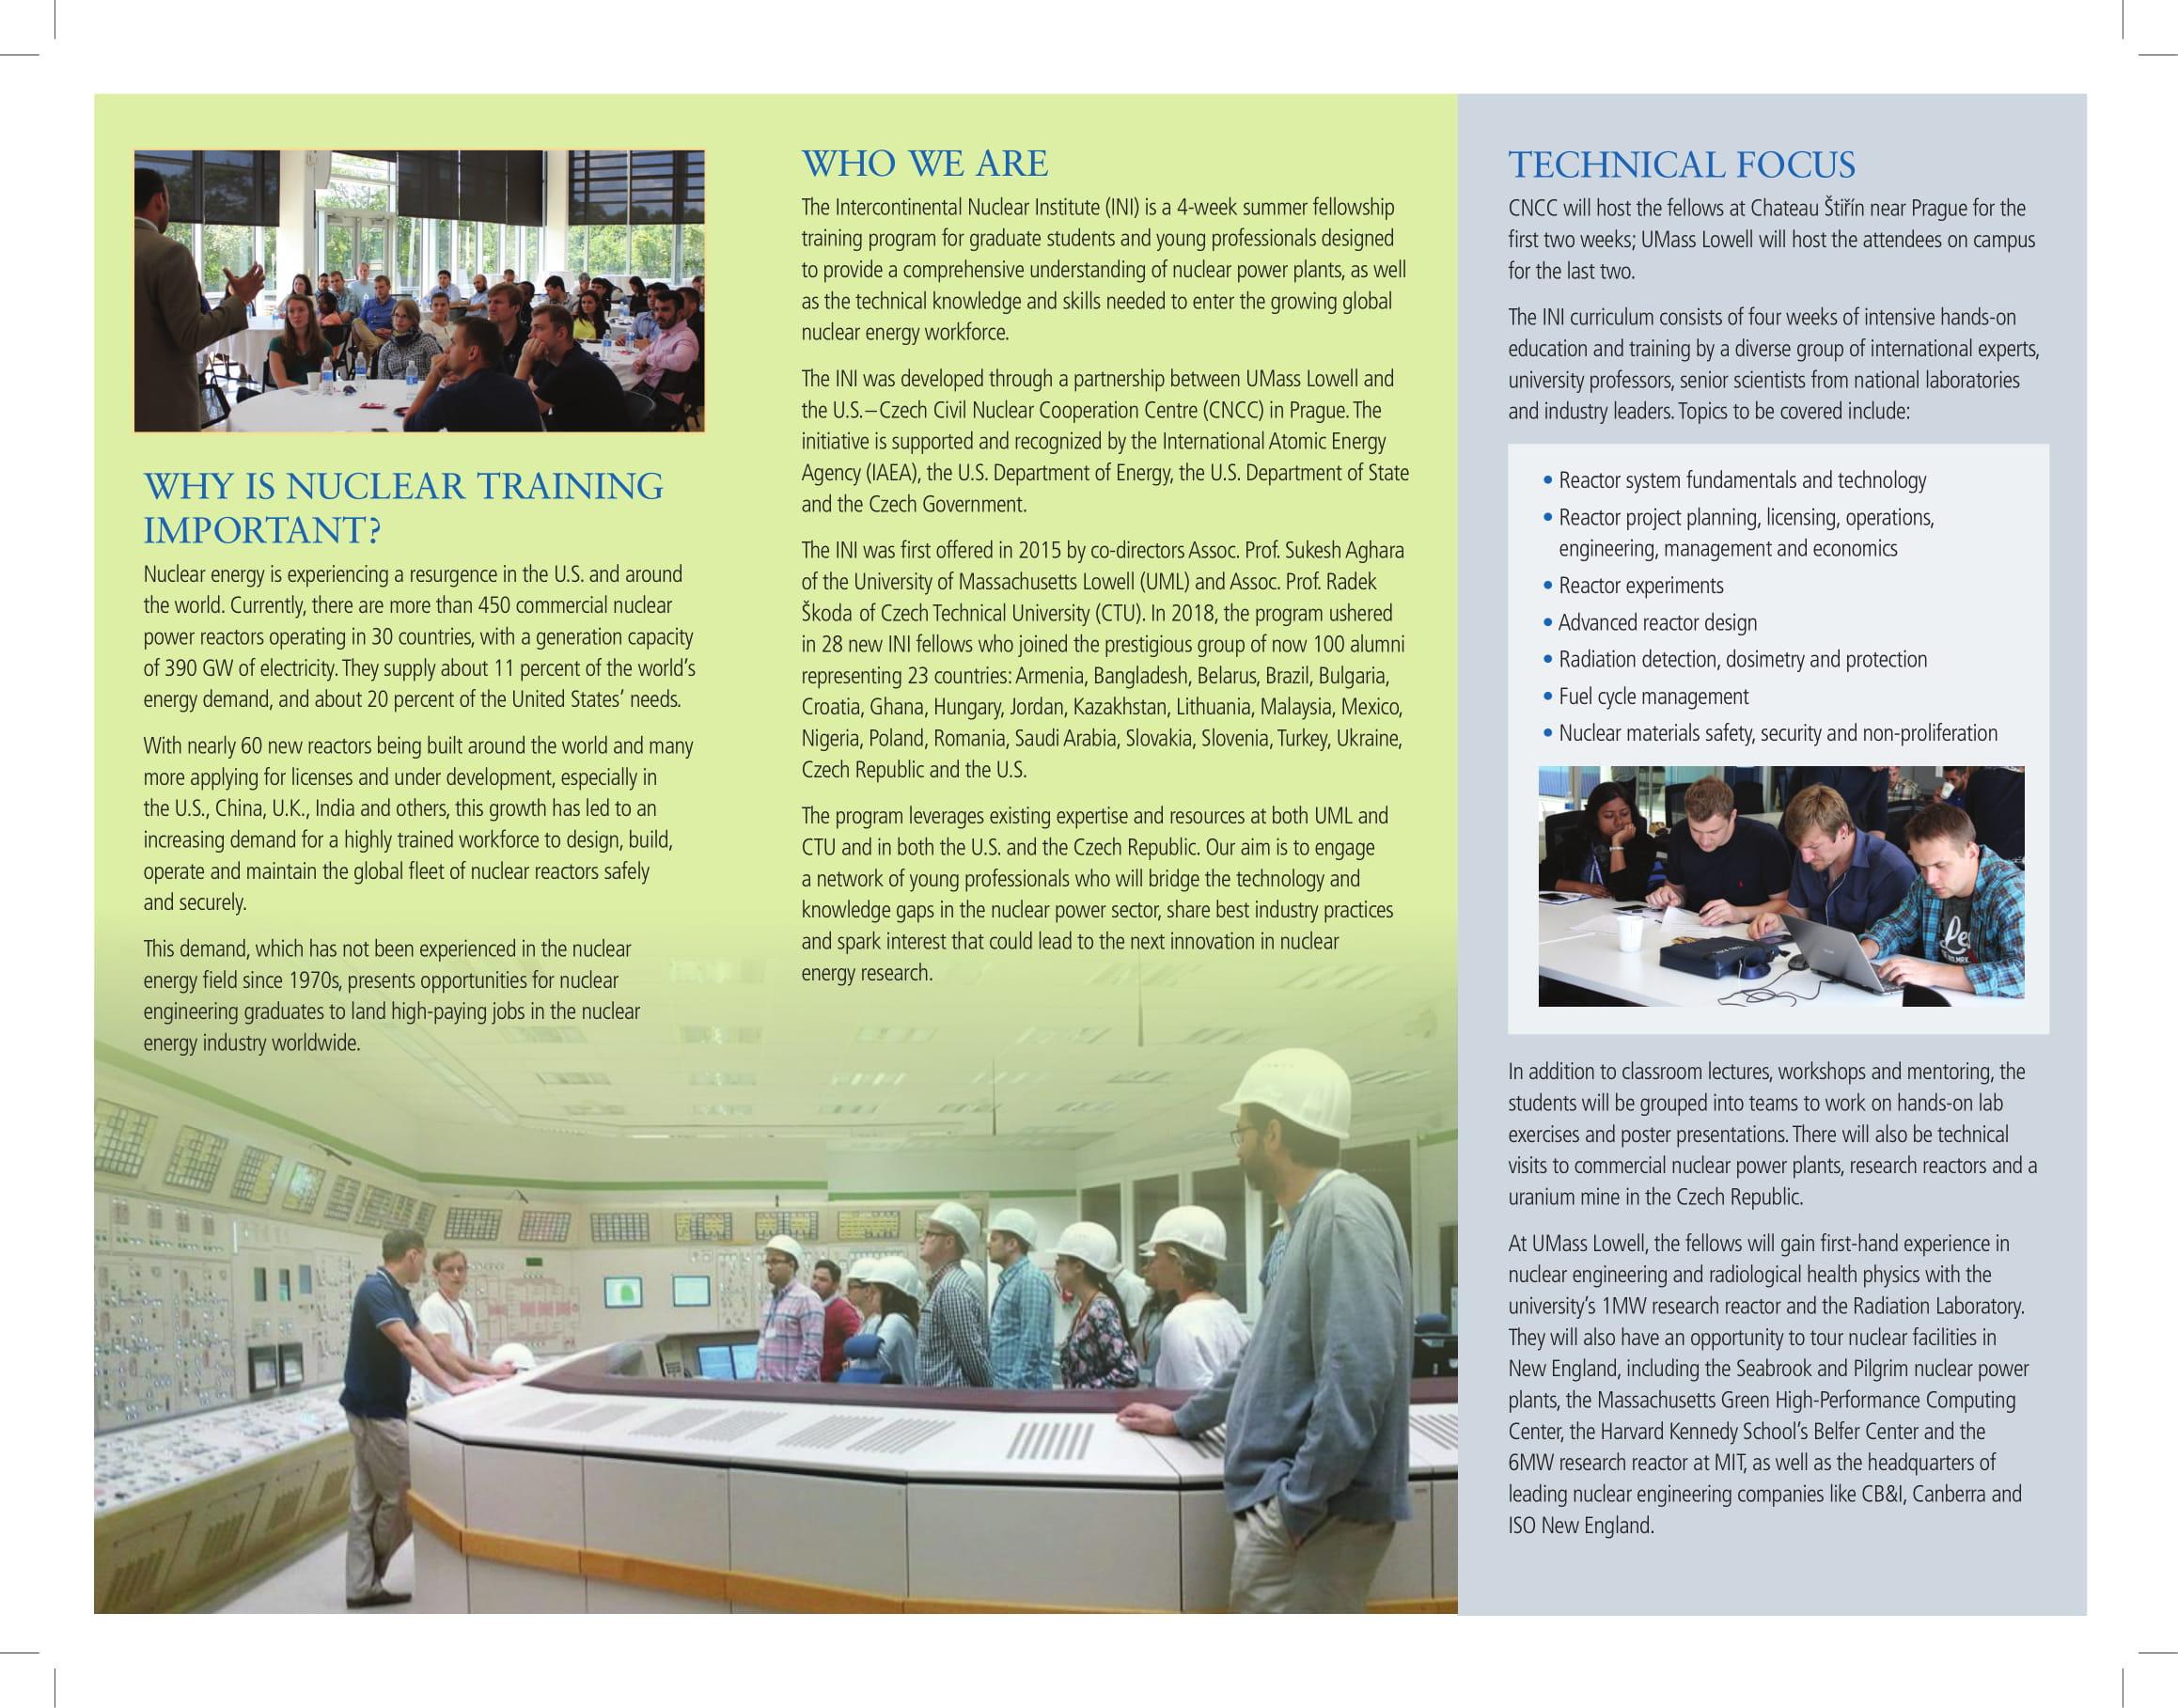 INI_tri-fold brochure_FINAL.FINAL.8.18 print-2.jpg